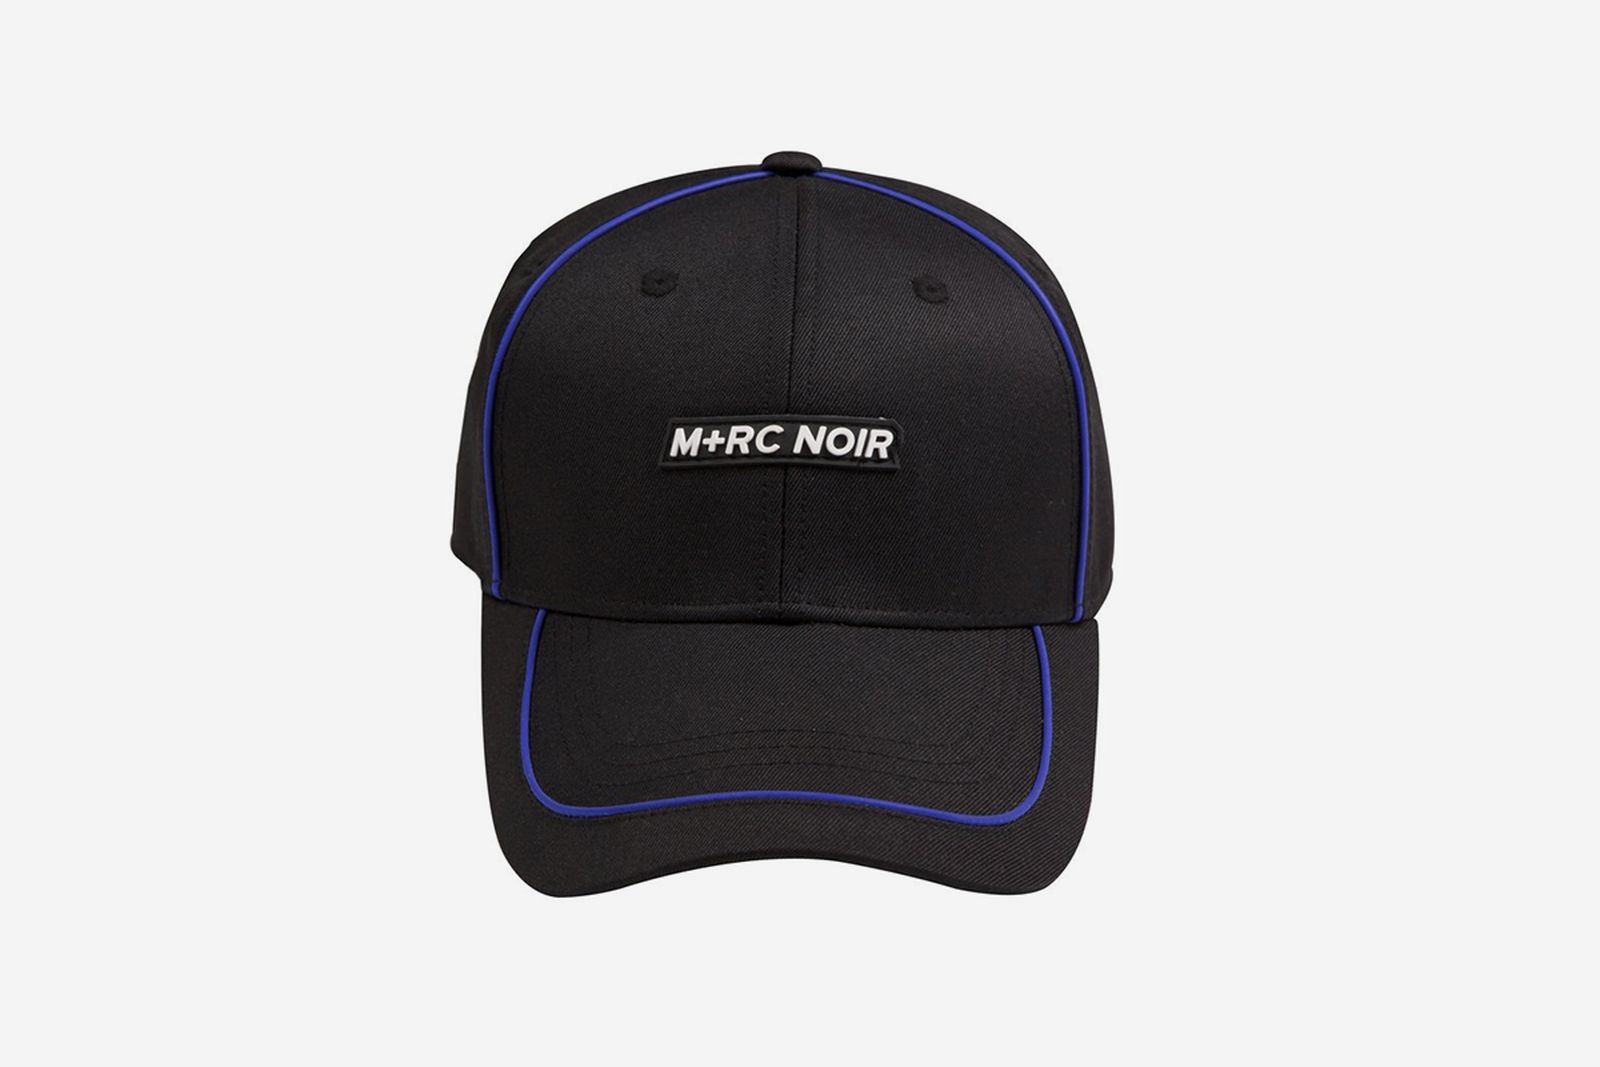 M RC NOIR baseball hat front pipe blue 1de41dcb 0ef6 4820 96d0 e1e56567ad4b 1024x1024 M+RC NOIR SS18 playboi carti